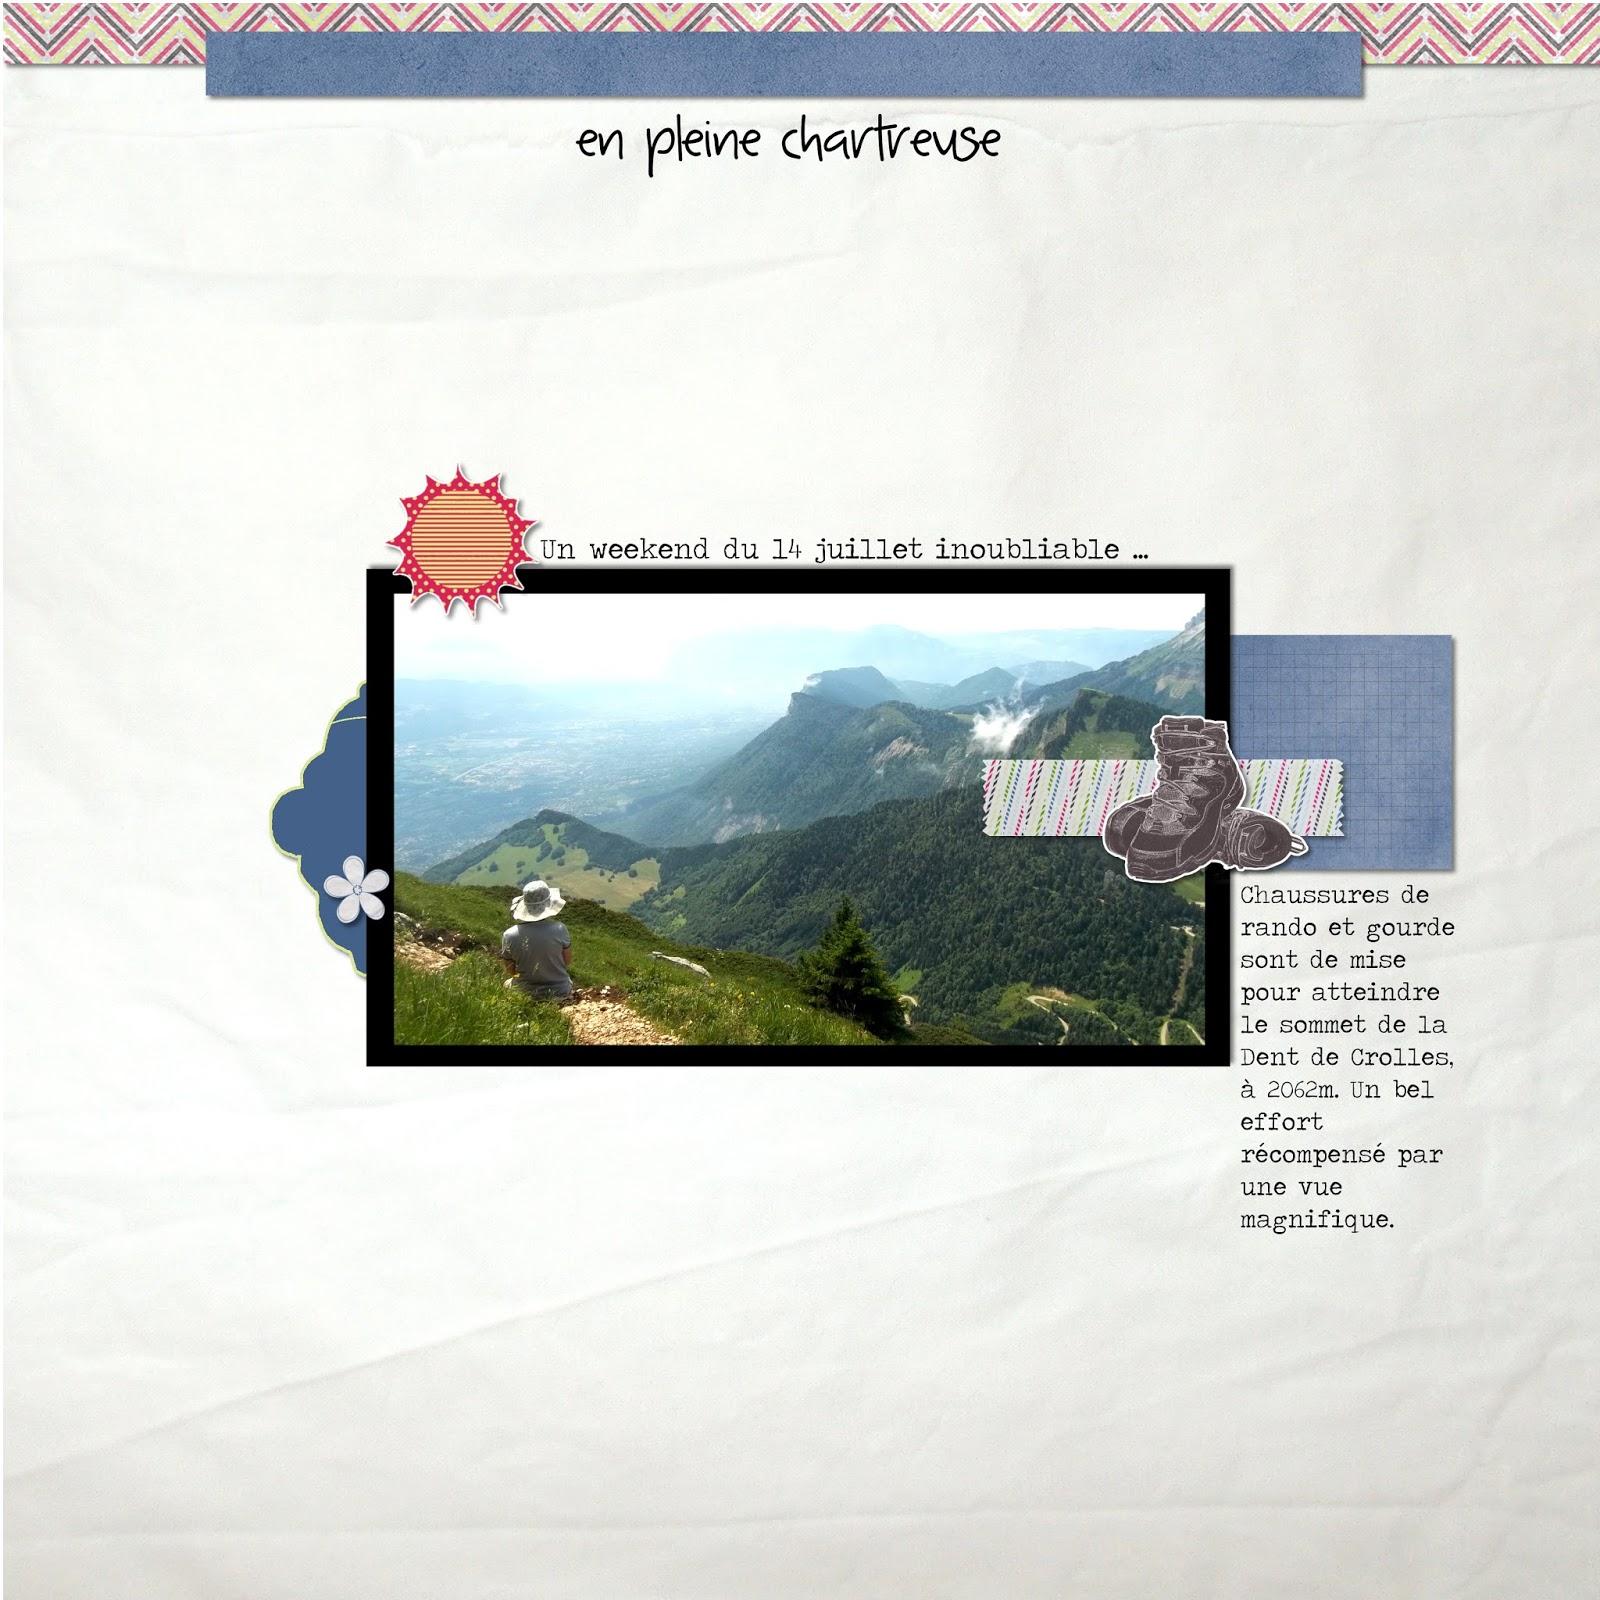 http://1.bp.blogspot.com/-jeOKEBPcLNU/UjhNLzwXcjI/AAAAAAAAJVI/ZxtdoNg1DSs/s1600/En+pleine+chartreuse.jpg